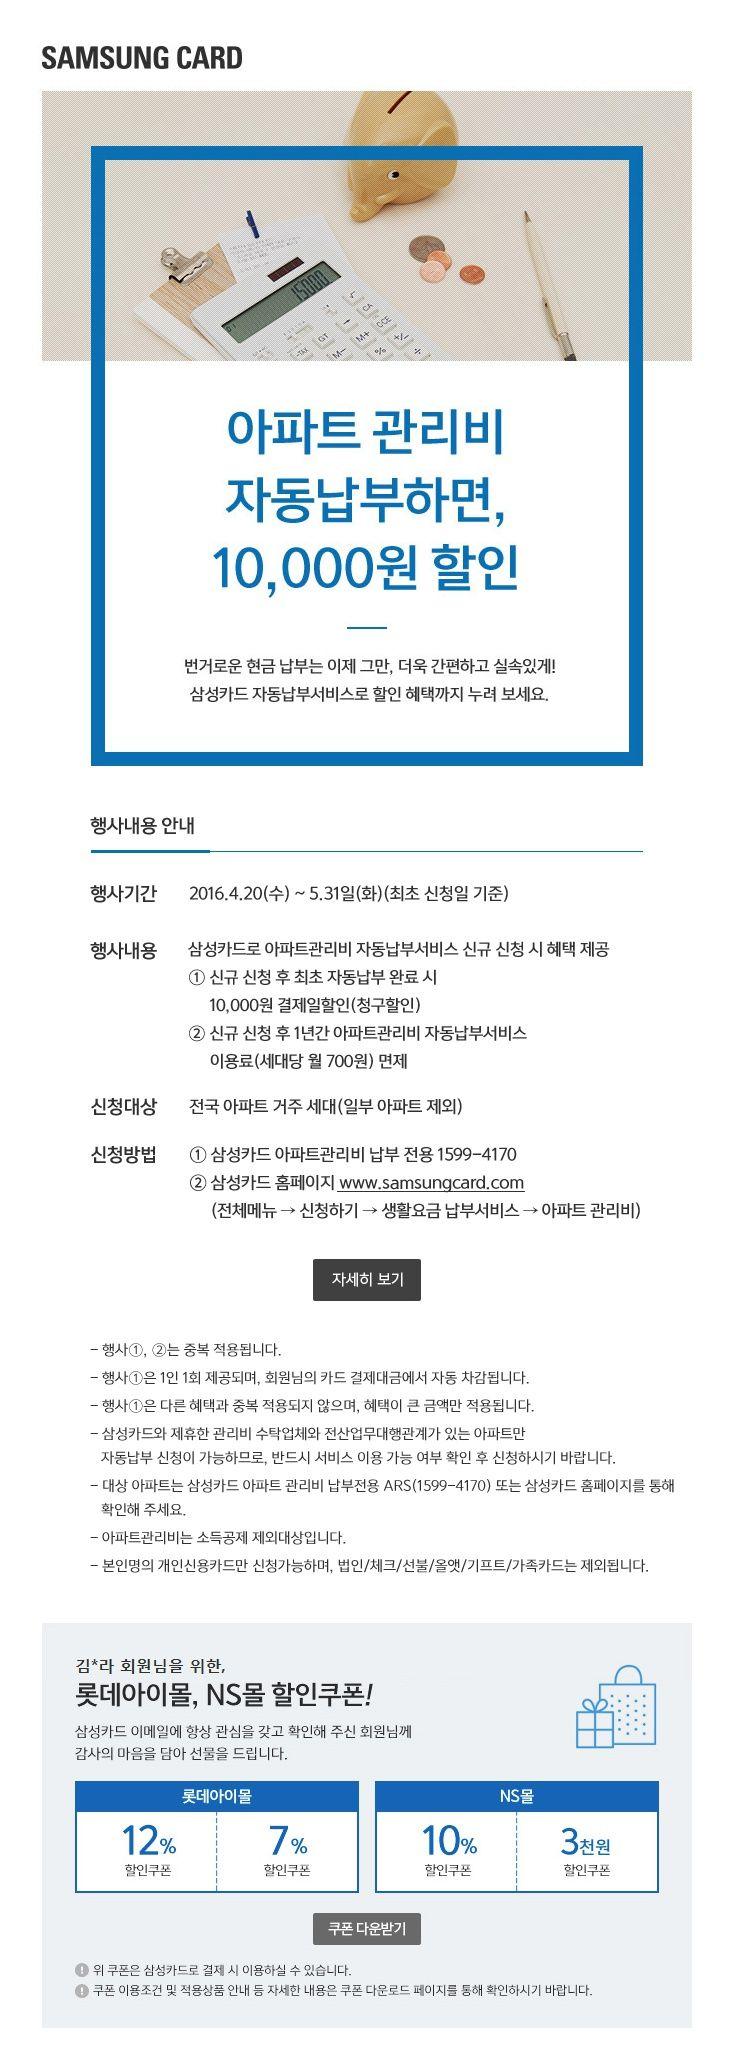 삼성카드 메일링